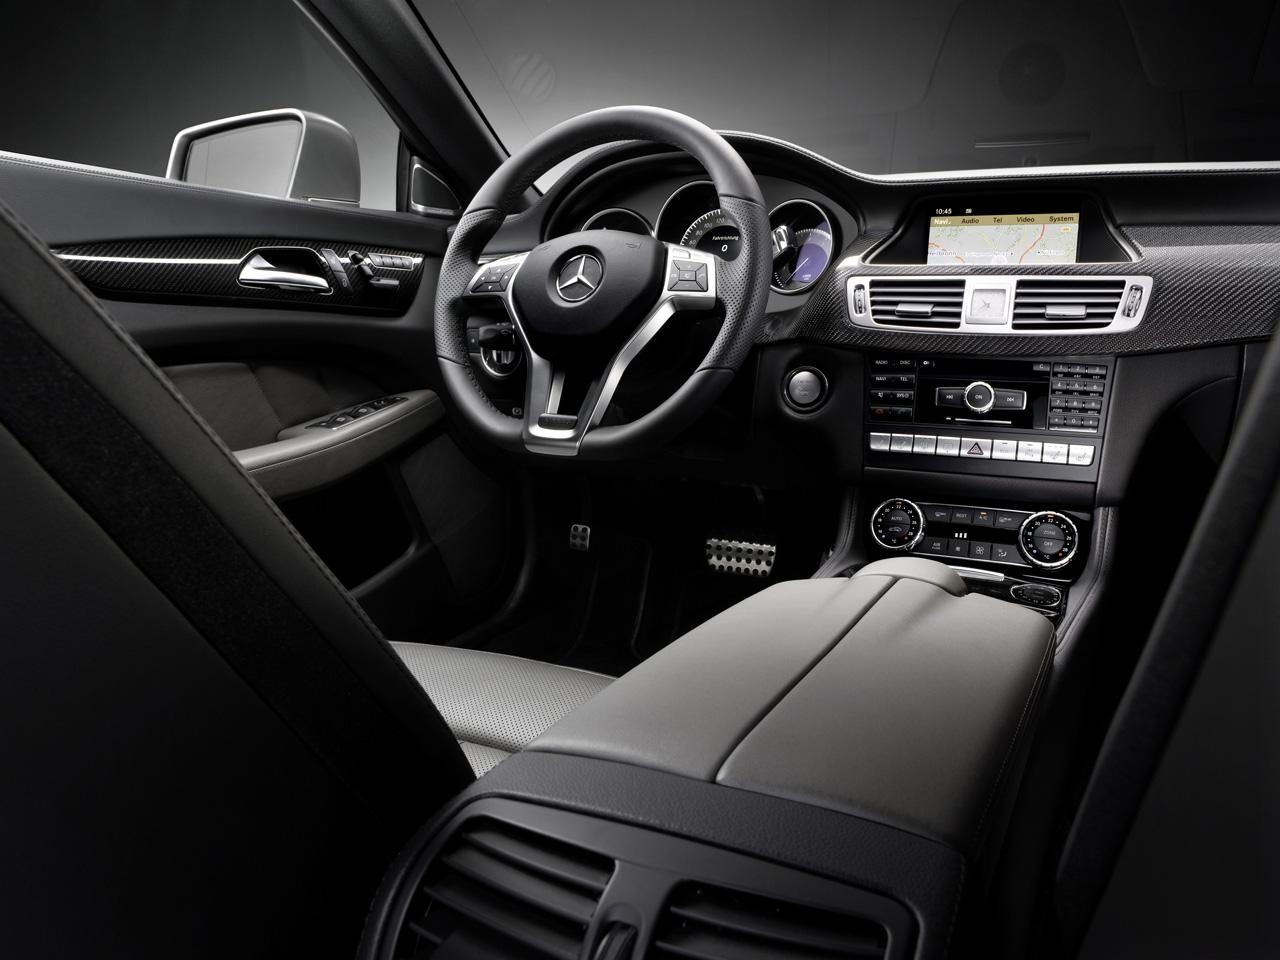 mercedes benz reveals 2012 cls four door coupe autosavant autosavant. Black Bedroom Furniture Sets. Home Design Ideas